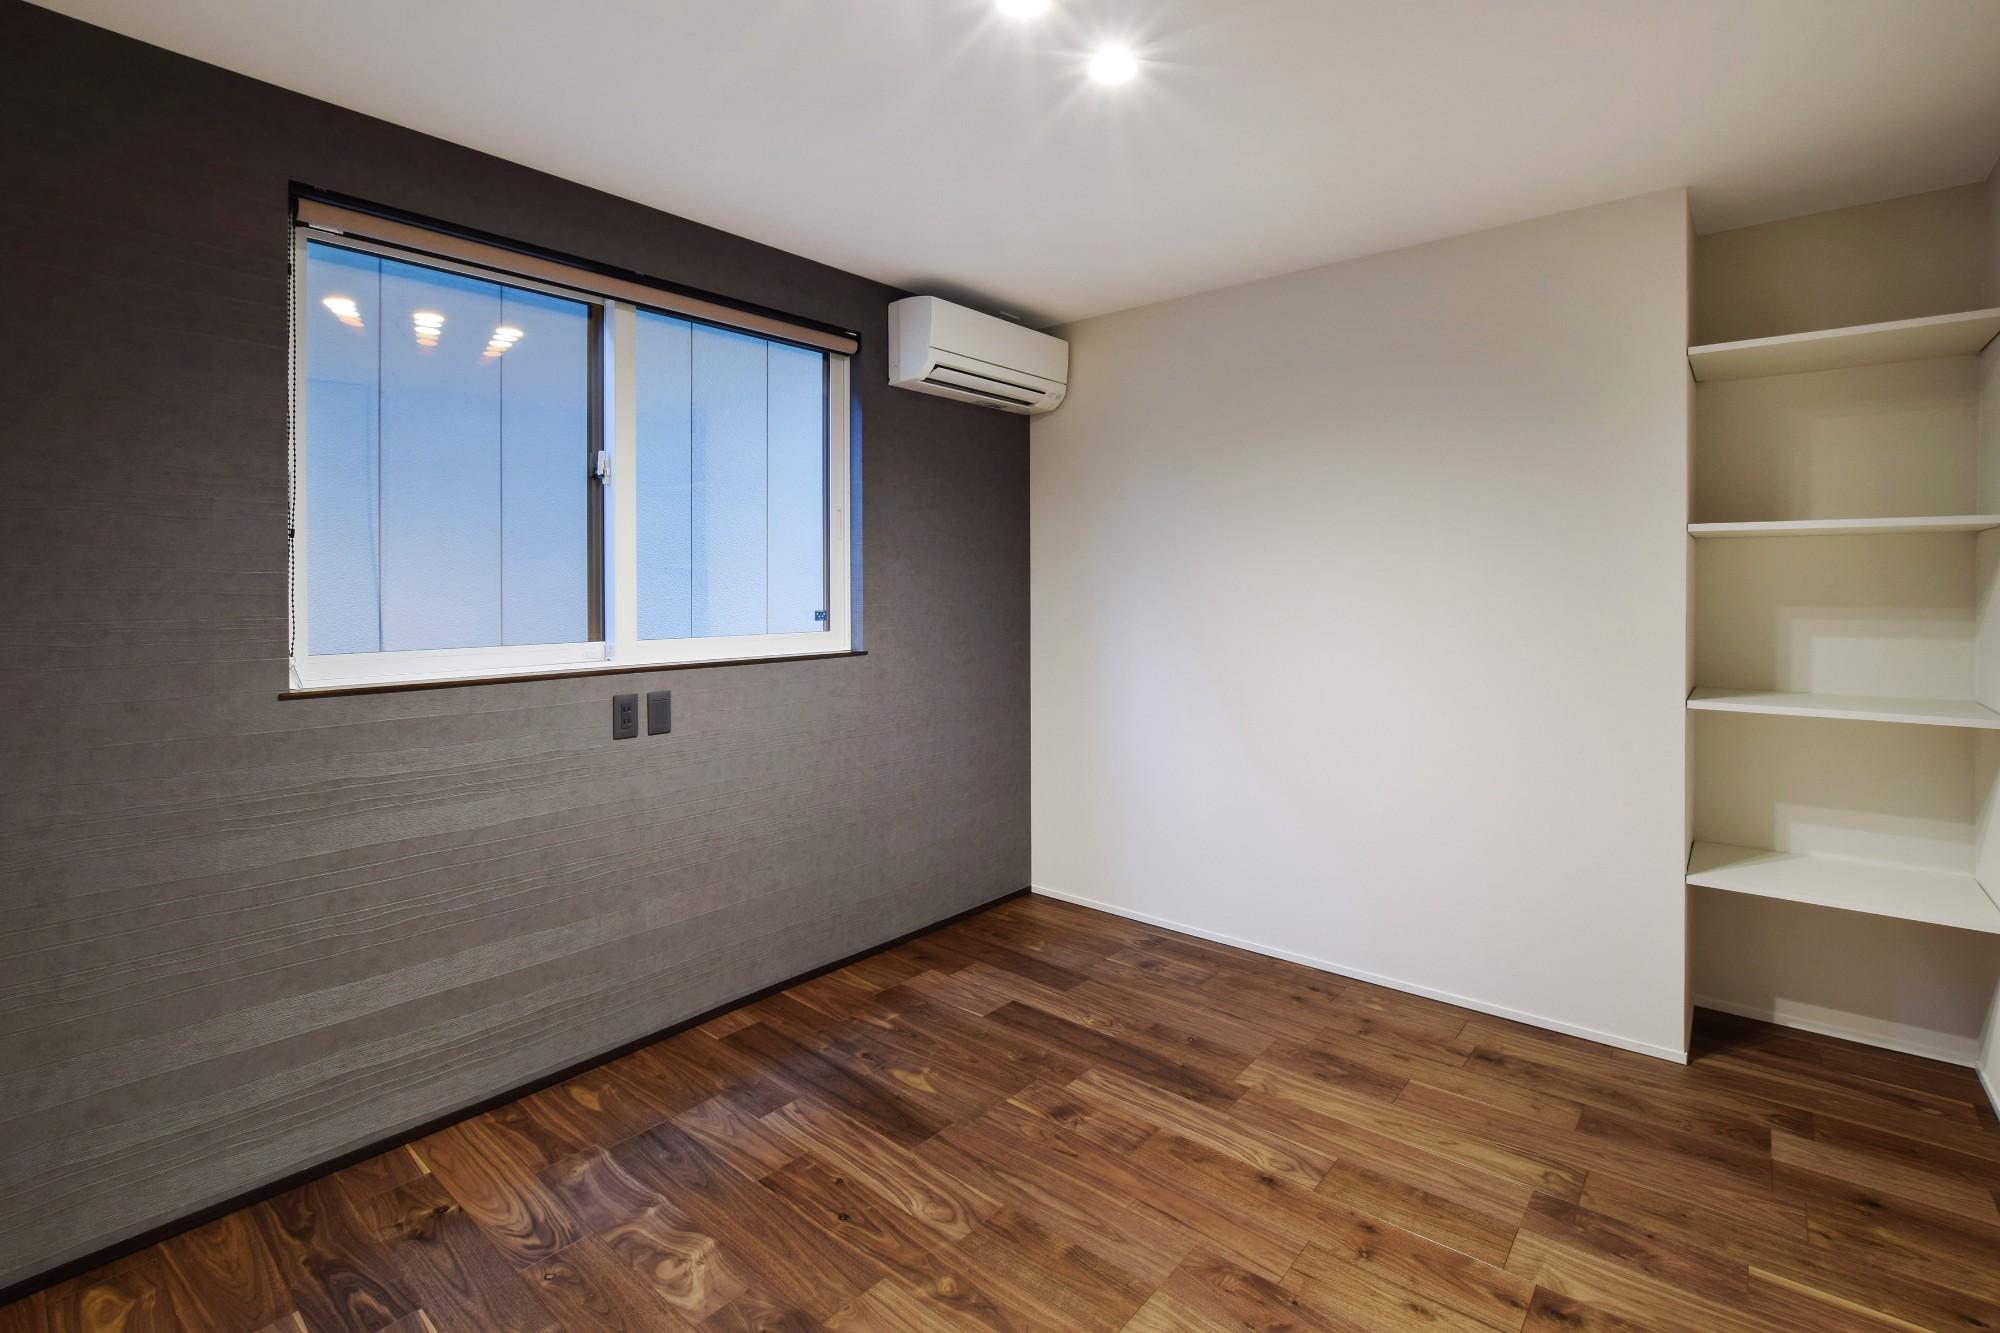 DETAIL HOME(ディテールホーム)「40代からのワンフロアスタイル」のシンプル・ナチュラルな居室の実例写真